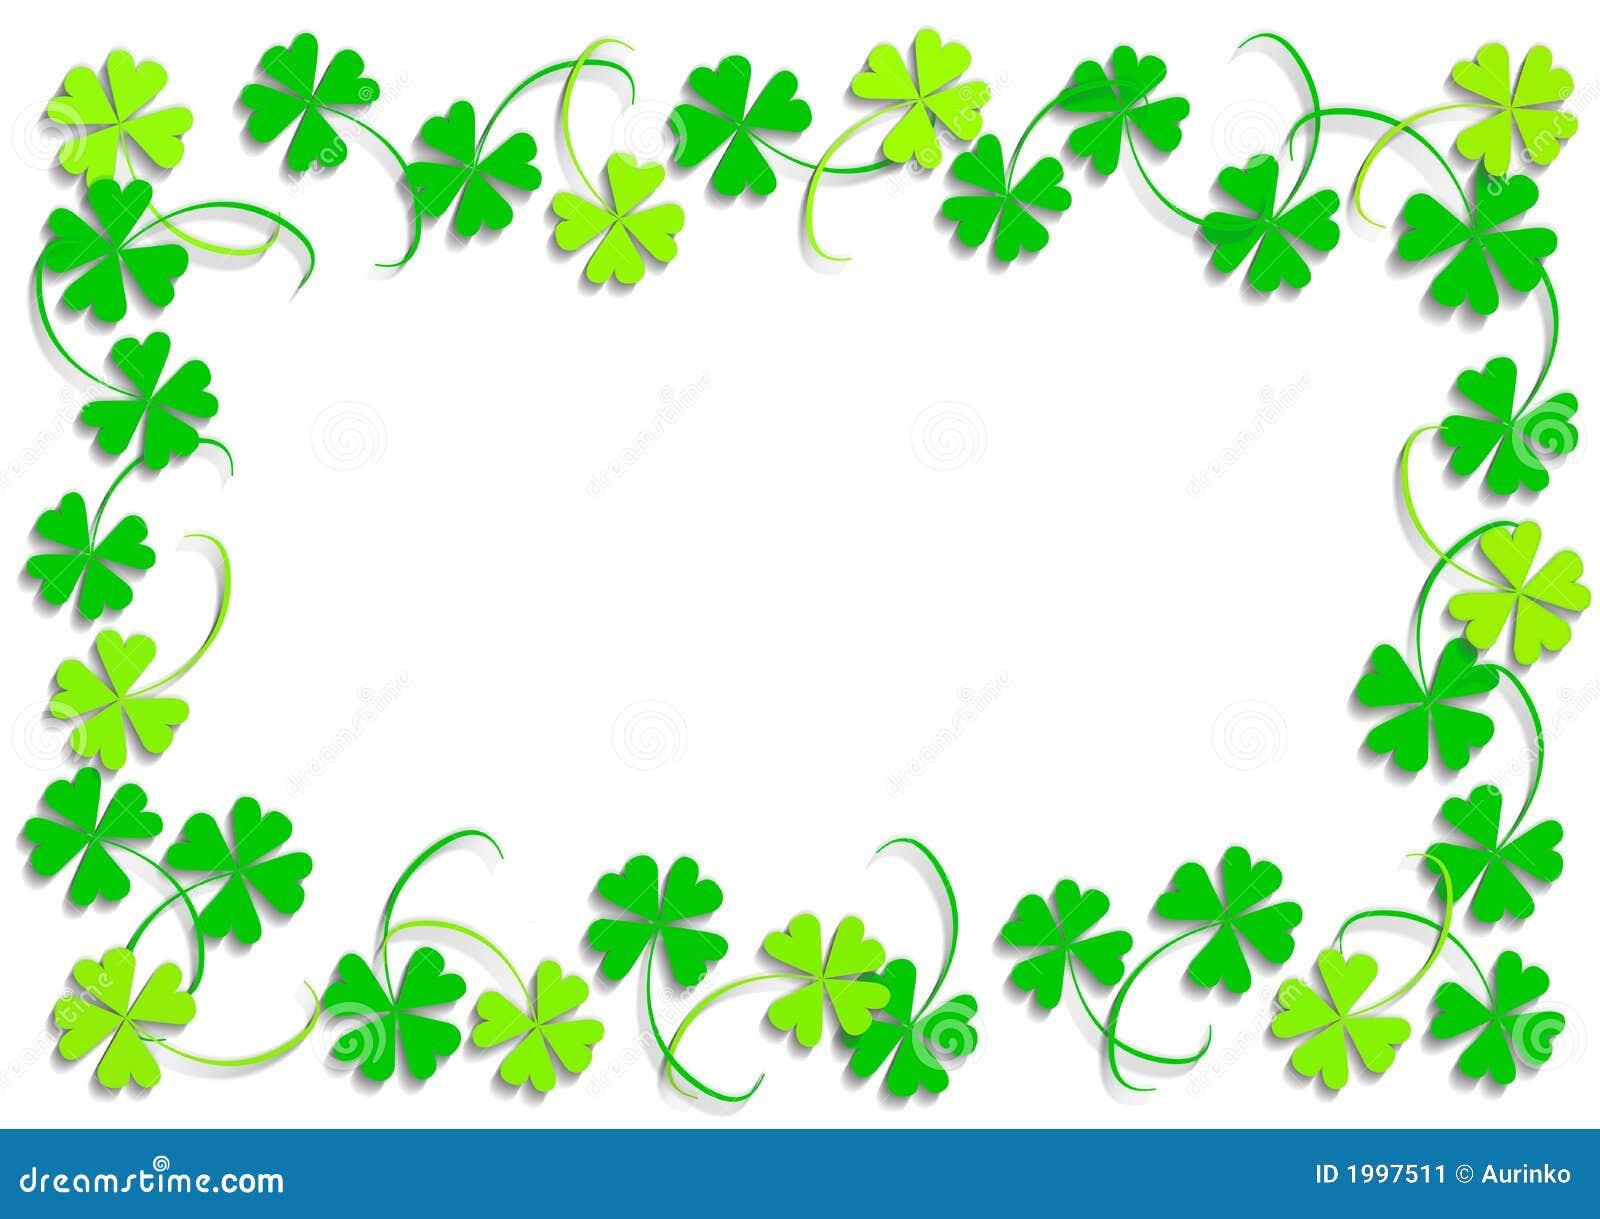 三叶草四绿色叶子 库存例证 插画 包括有 艺术 幸运 抽象 说明 框架 生态 节假日 夹子